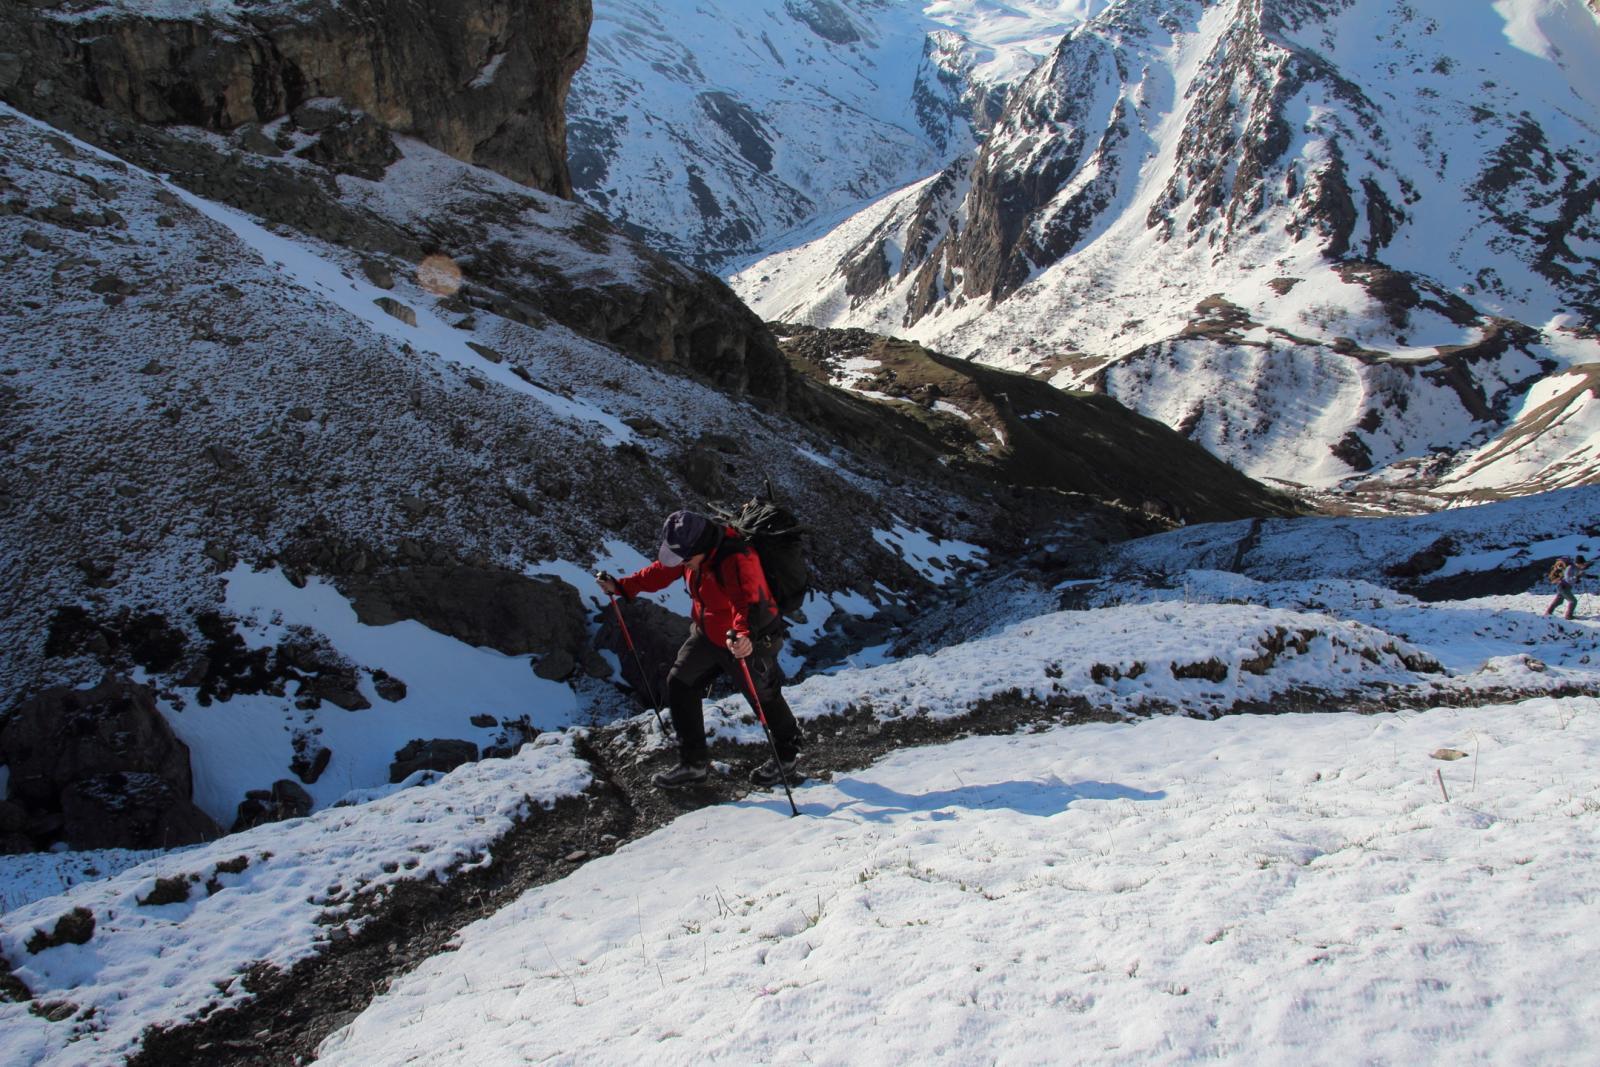 la prima neve incontrata a quota 2300 m